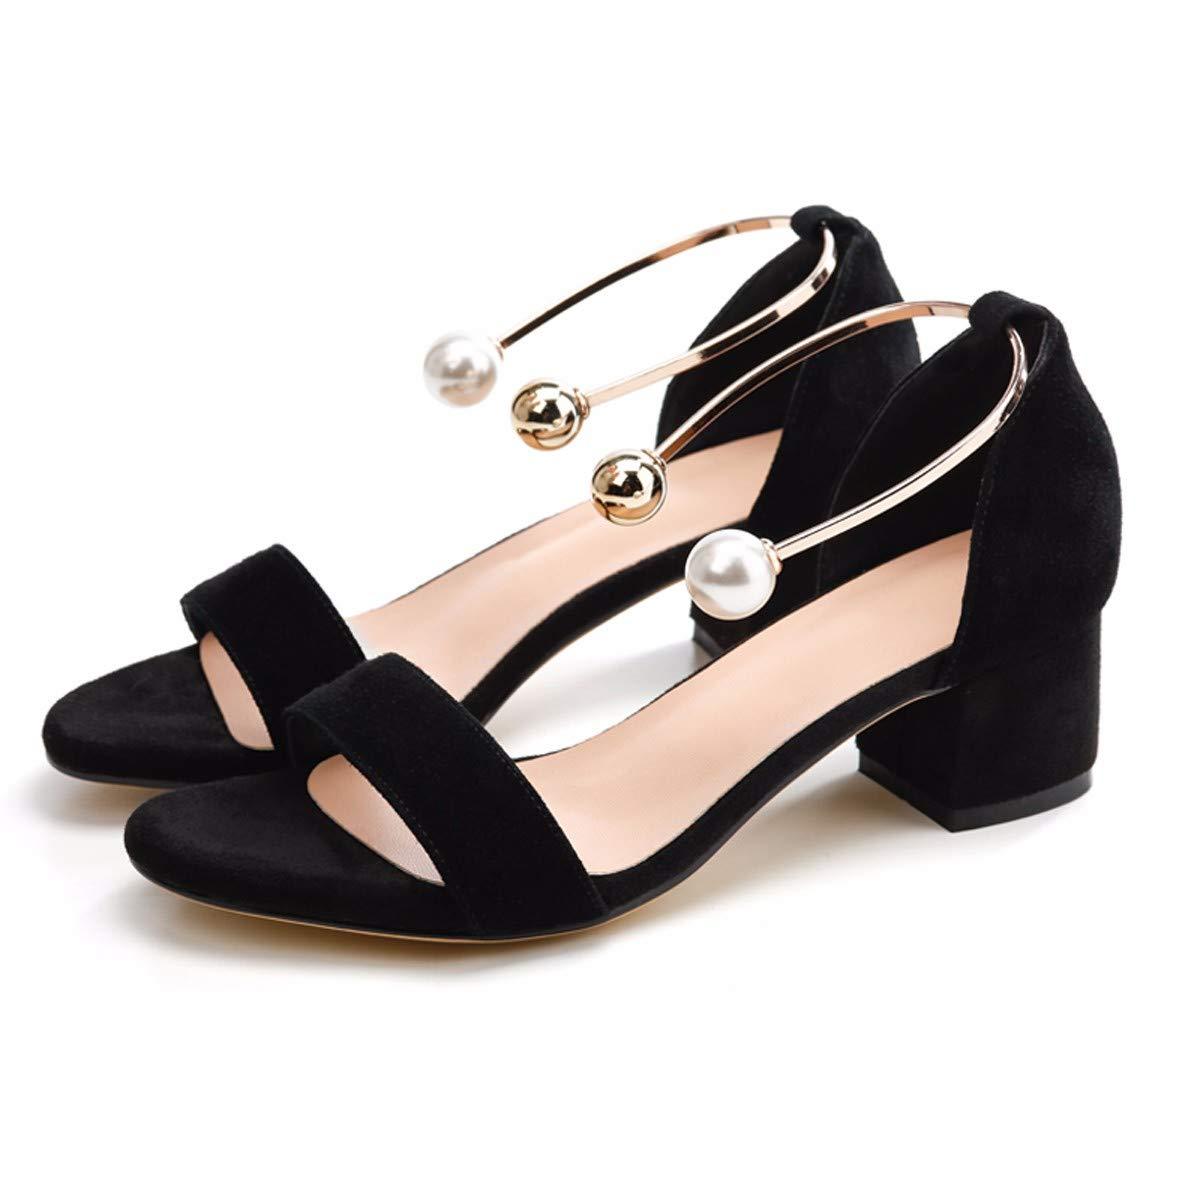 KPHY-Zwei Sandalen Weibliche Heels Nackten Wort Zehen EIN Wort Nackten Mit Dem Nahen Sexy Schuhe 5Cm 39 Schwarz  - 984e7c